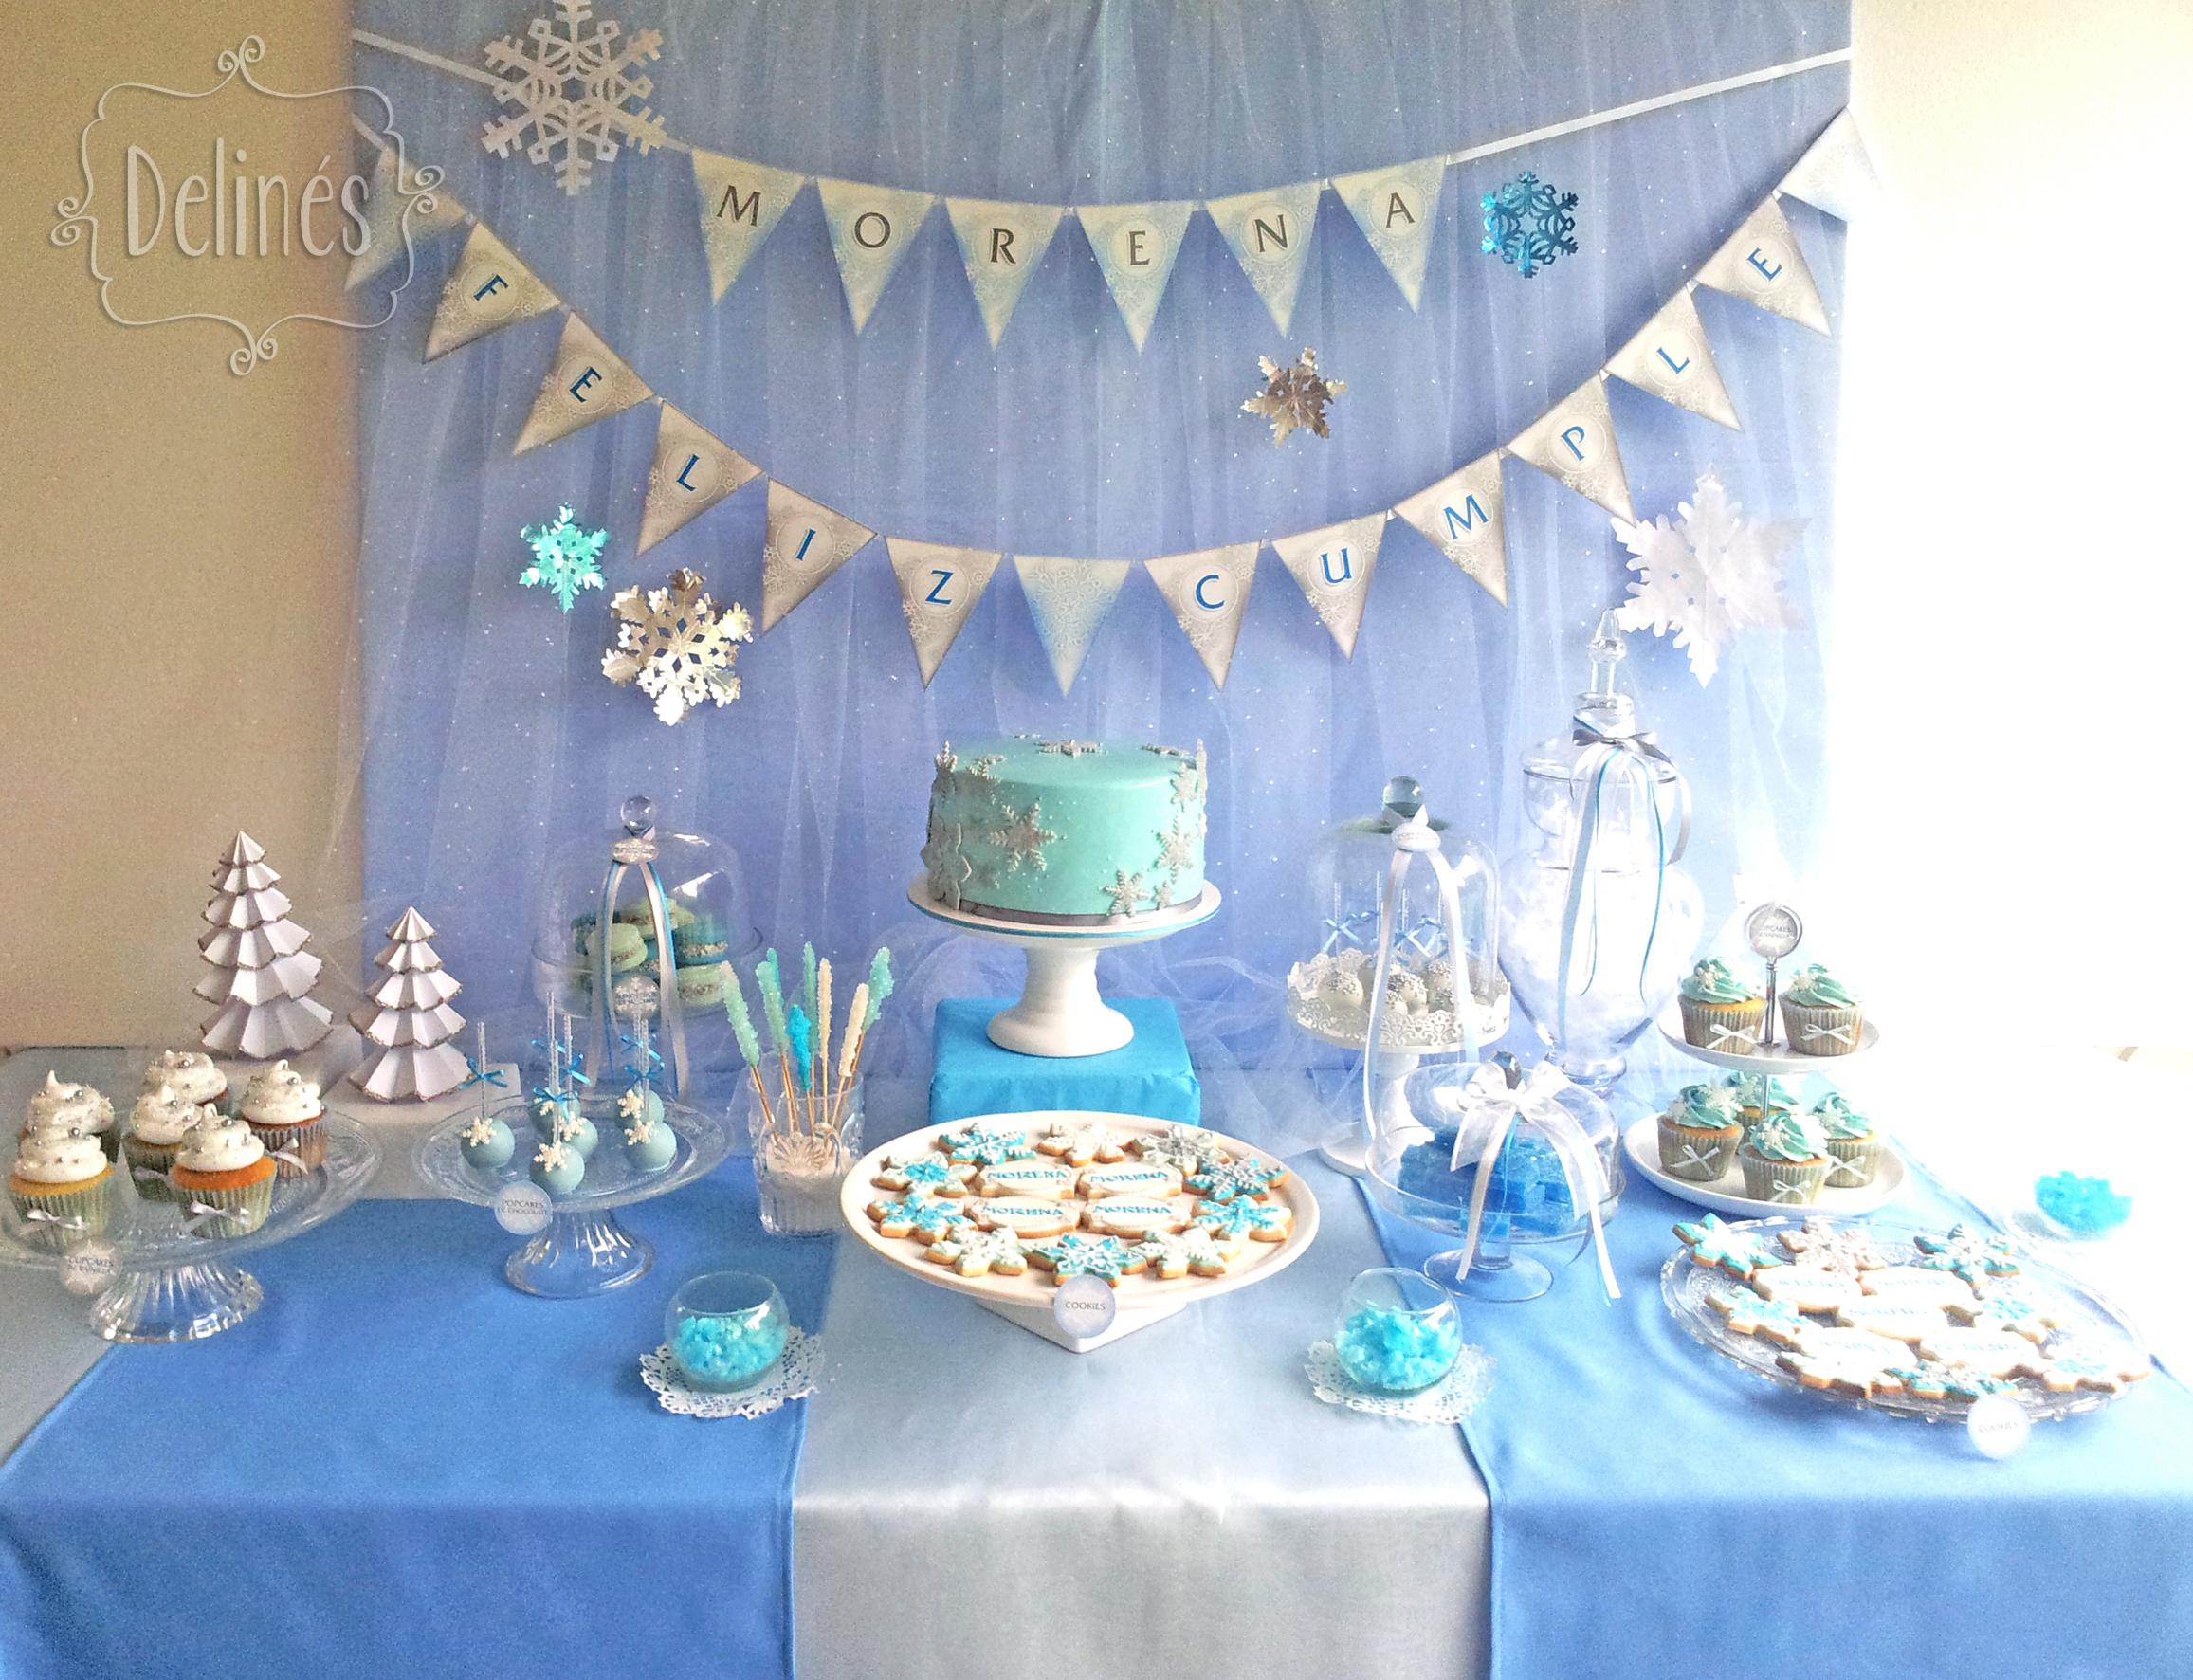 Un evento helado y m gico delin s for Backdrop para mesa de dulces